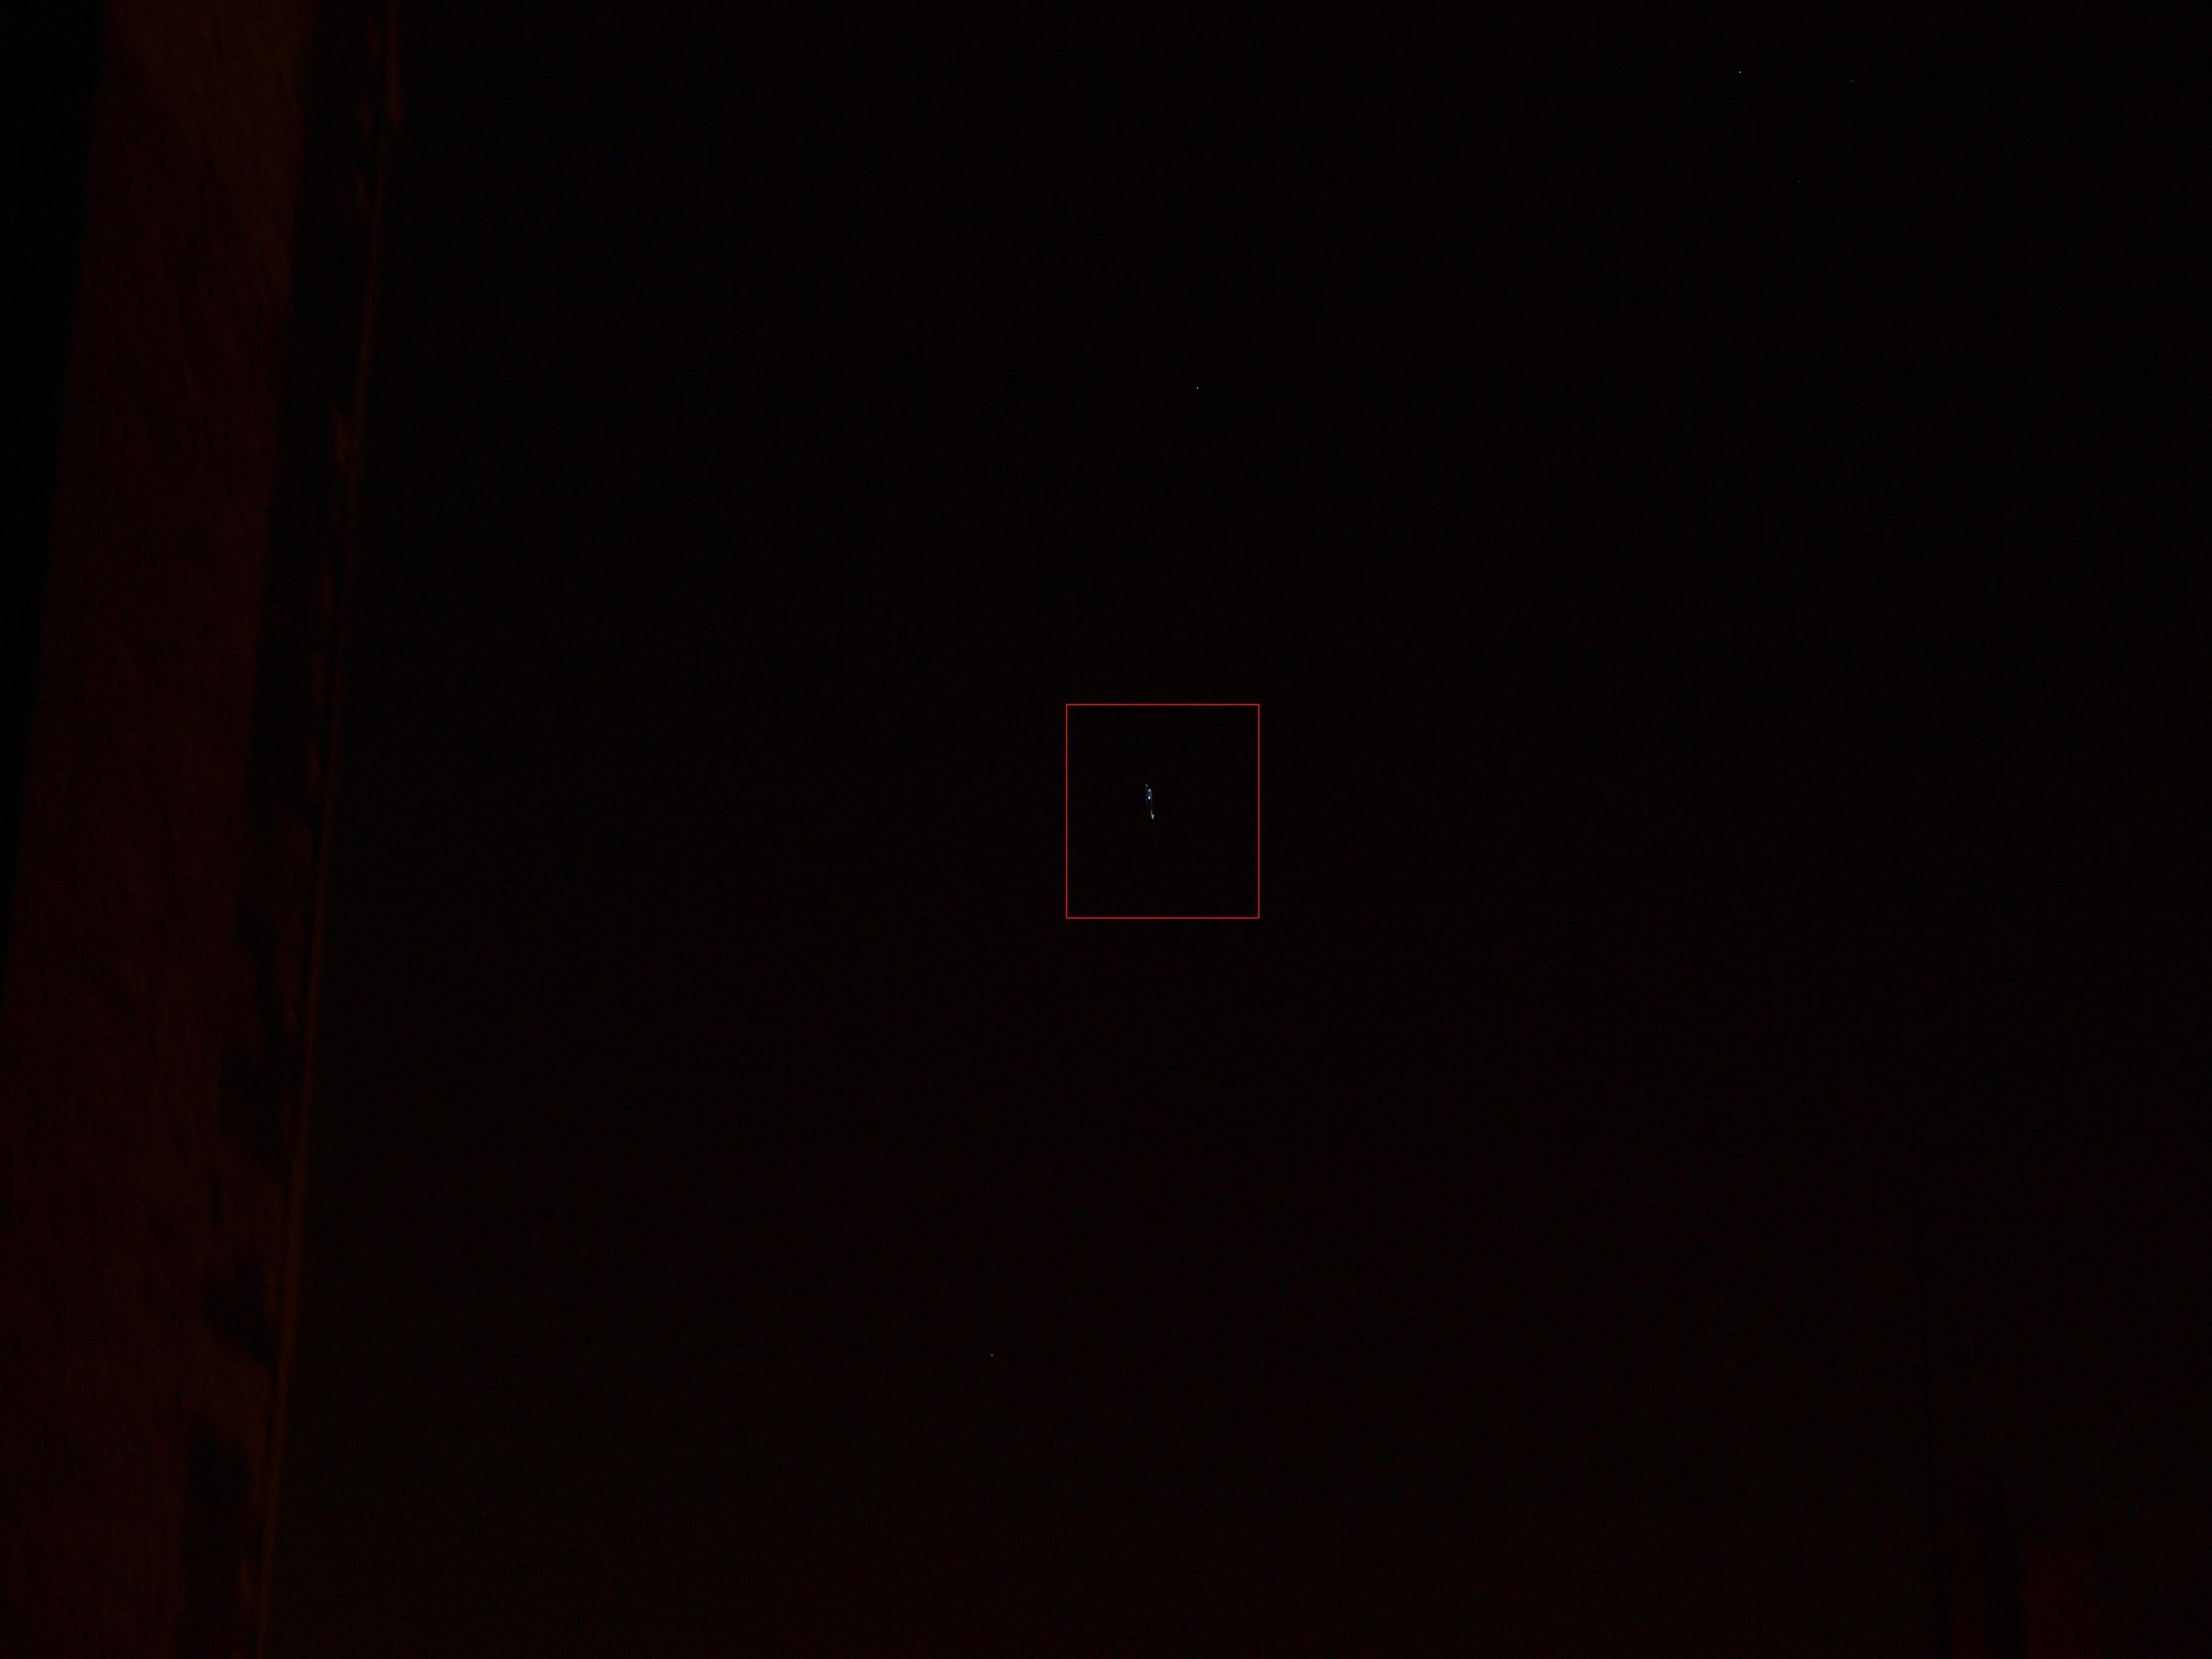 2012: le 31/01 à 20h ~ 21h - Lumière étrange dans le ciel  - Le Havre, centre ville. (76)  68372836xf